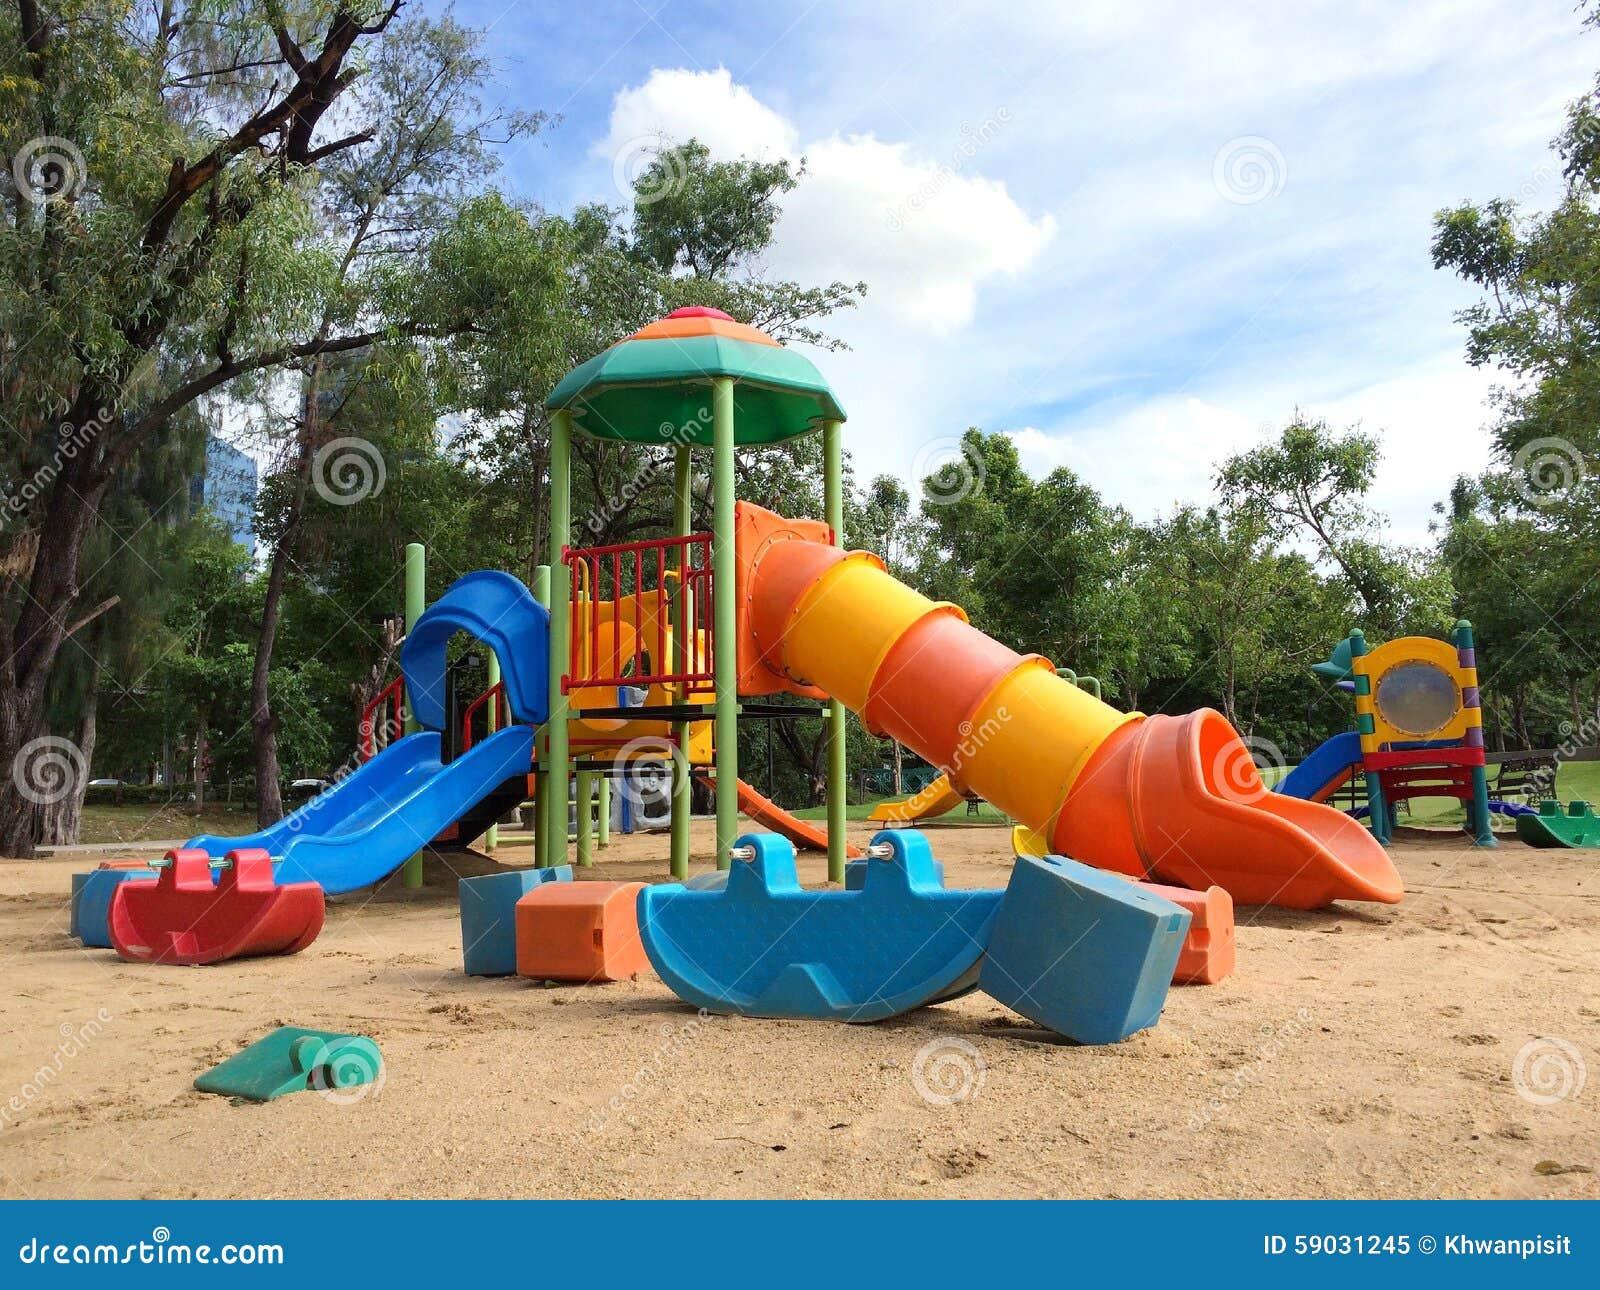 terrain de jeu au parc public image stock image du glisseur playground 59031245. Black Bedroom Furniture Sets. Home Design Ideas